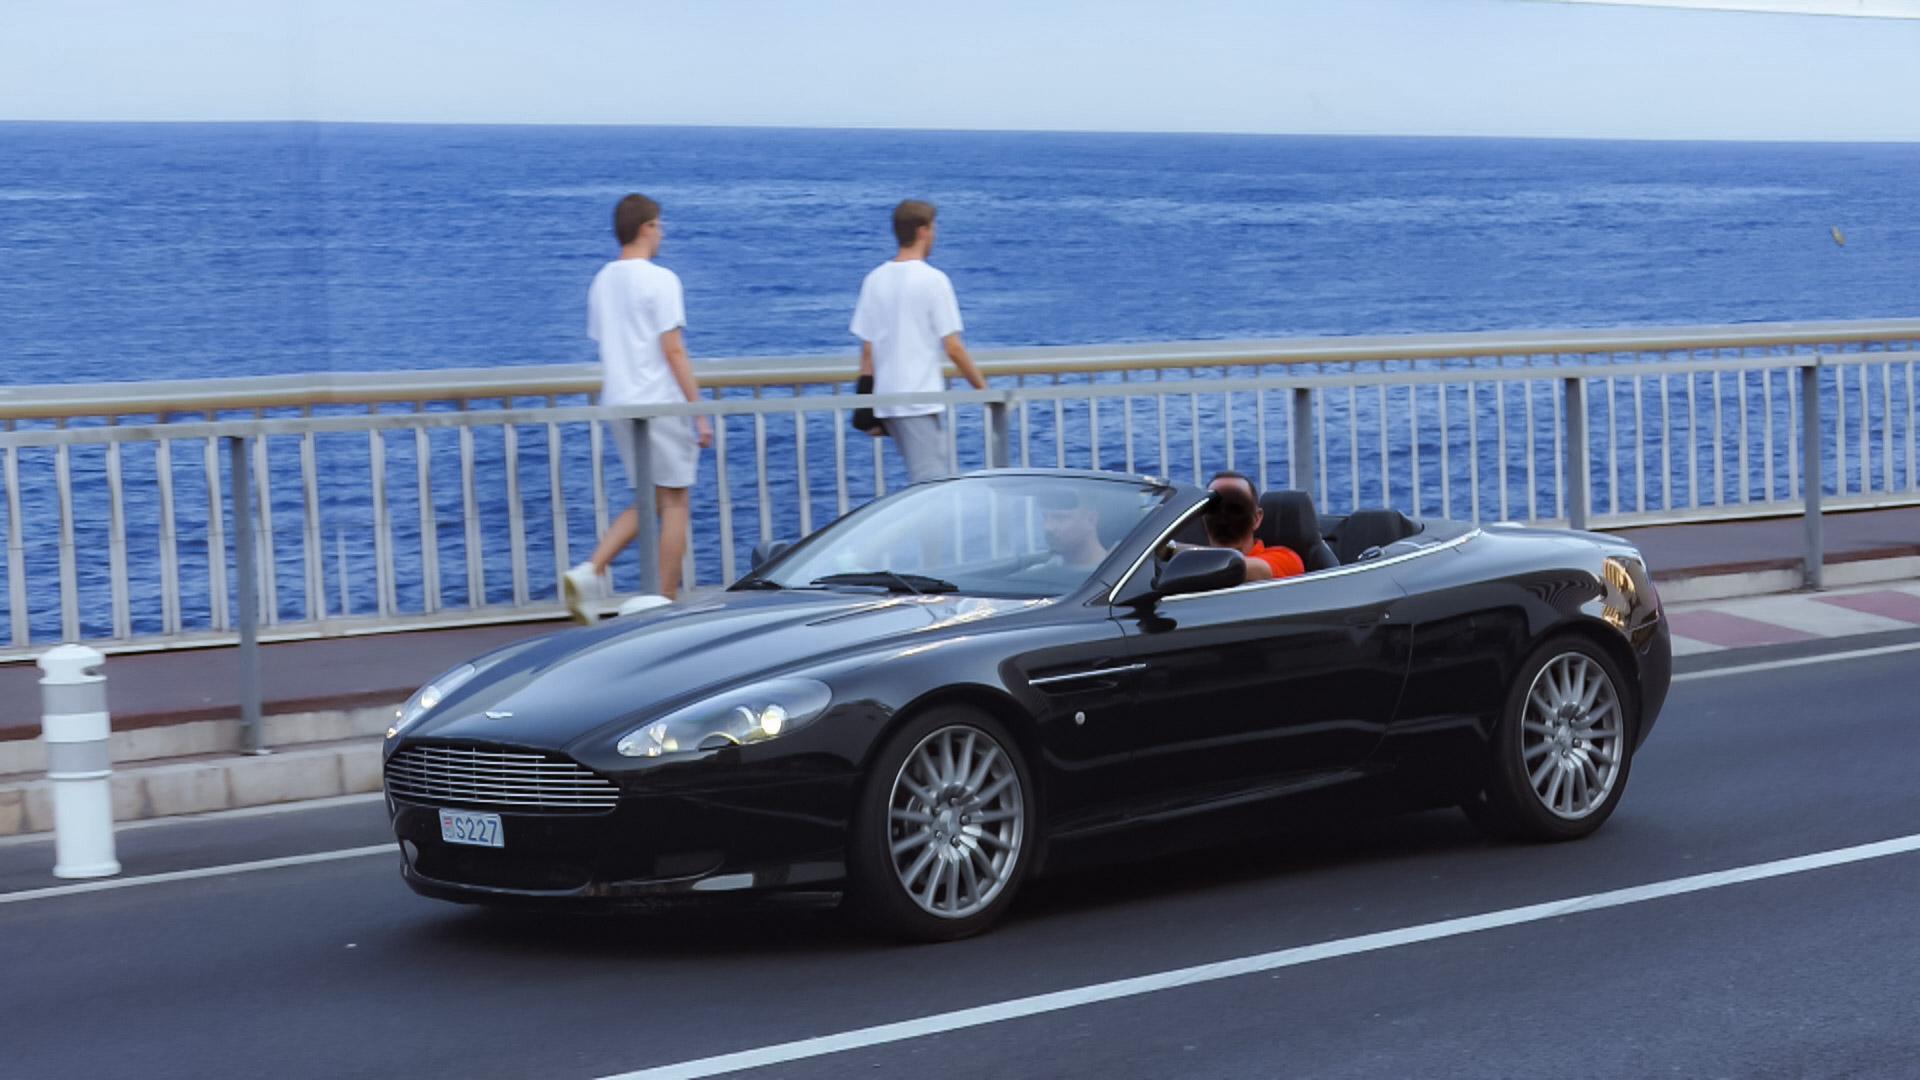 Aston Martin DB9 Volante - S227 (MC)